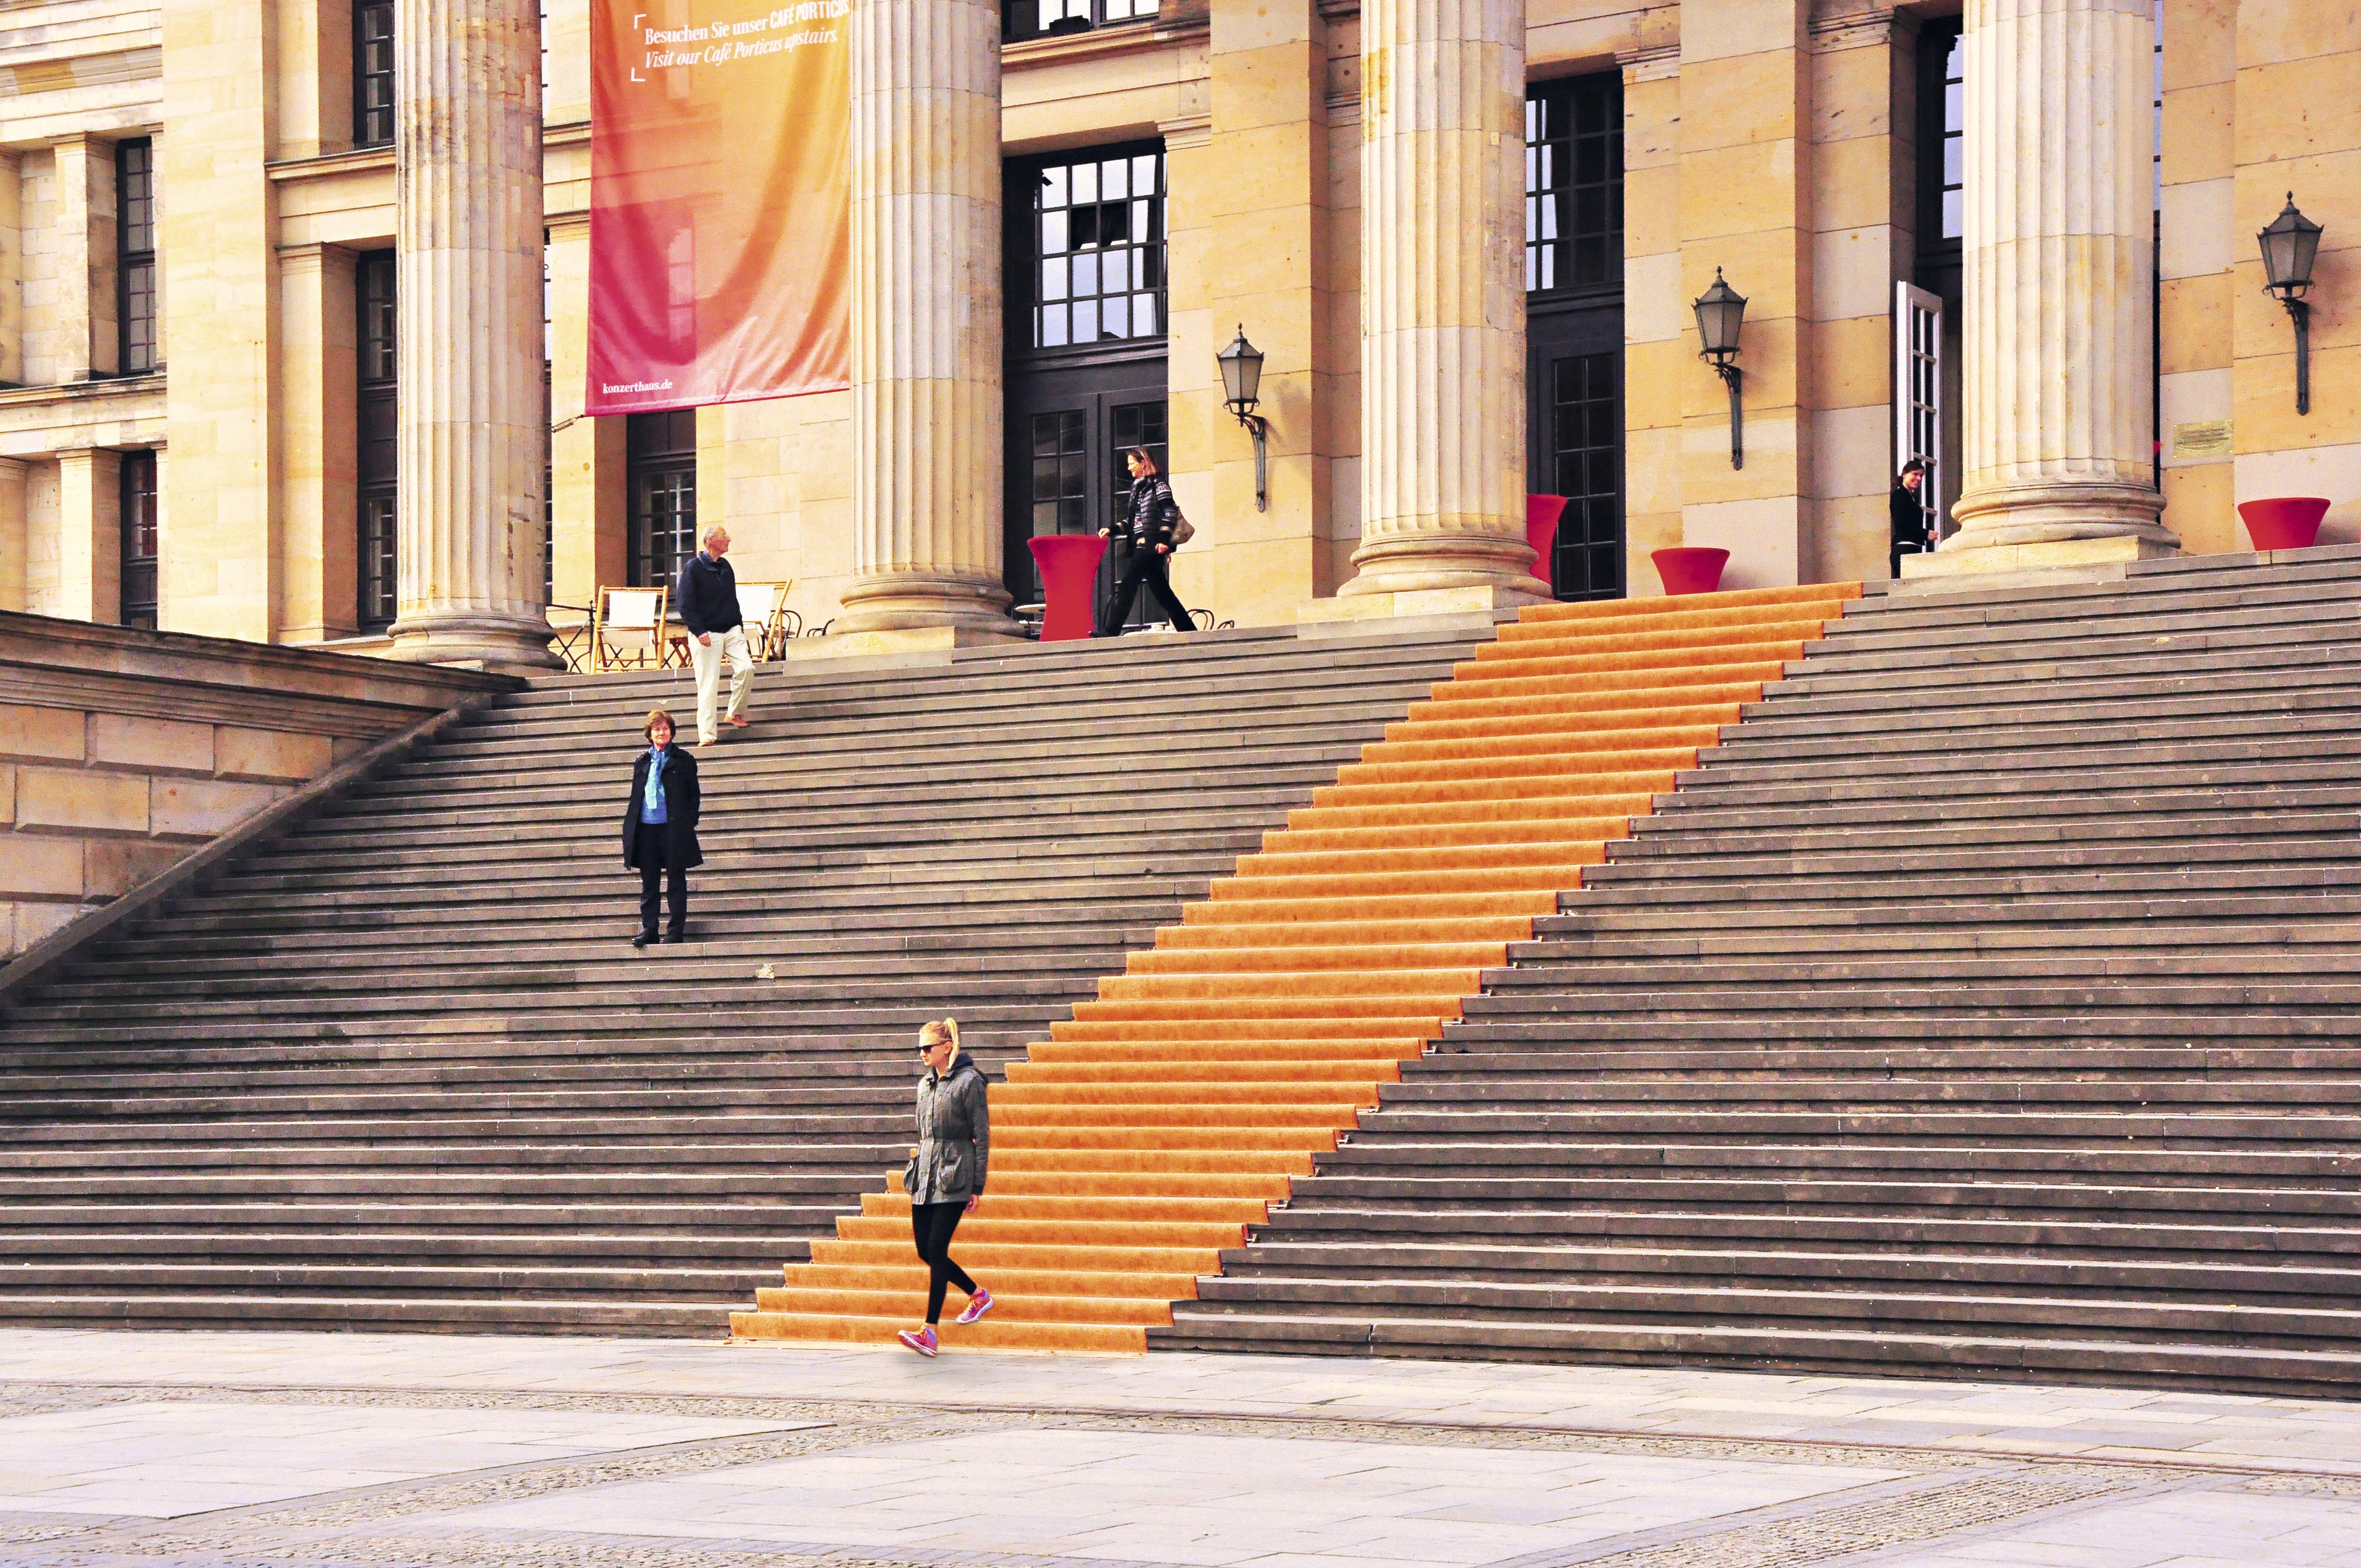 Escadaria da sala de concertos Konzerthaus, Berlim, Alemanha